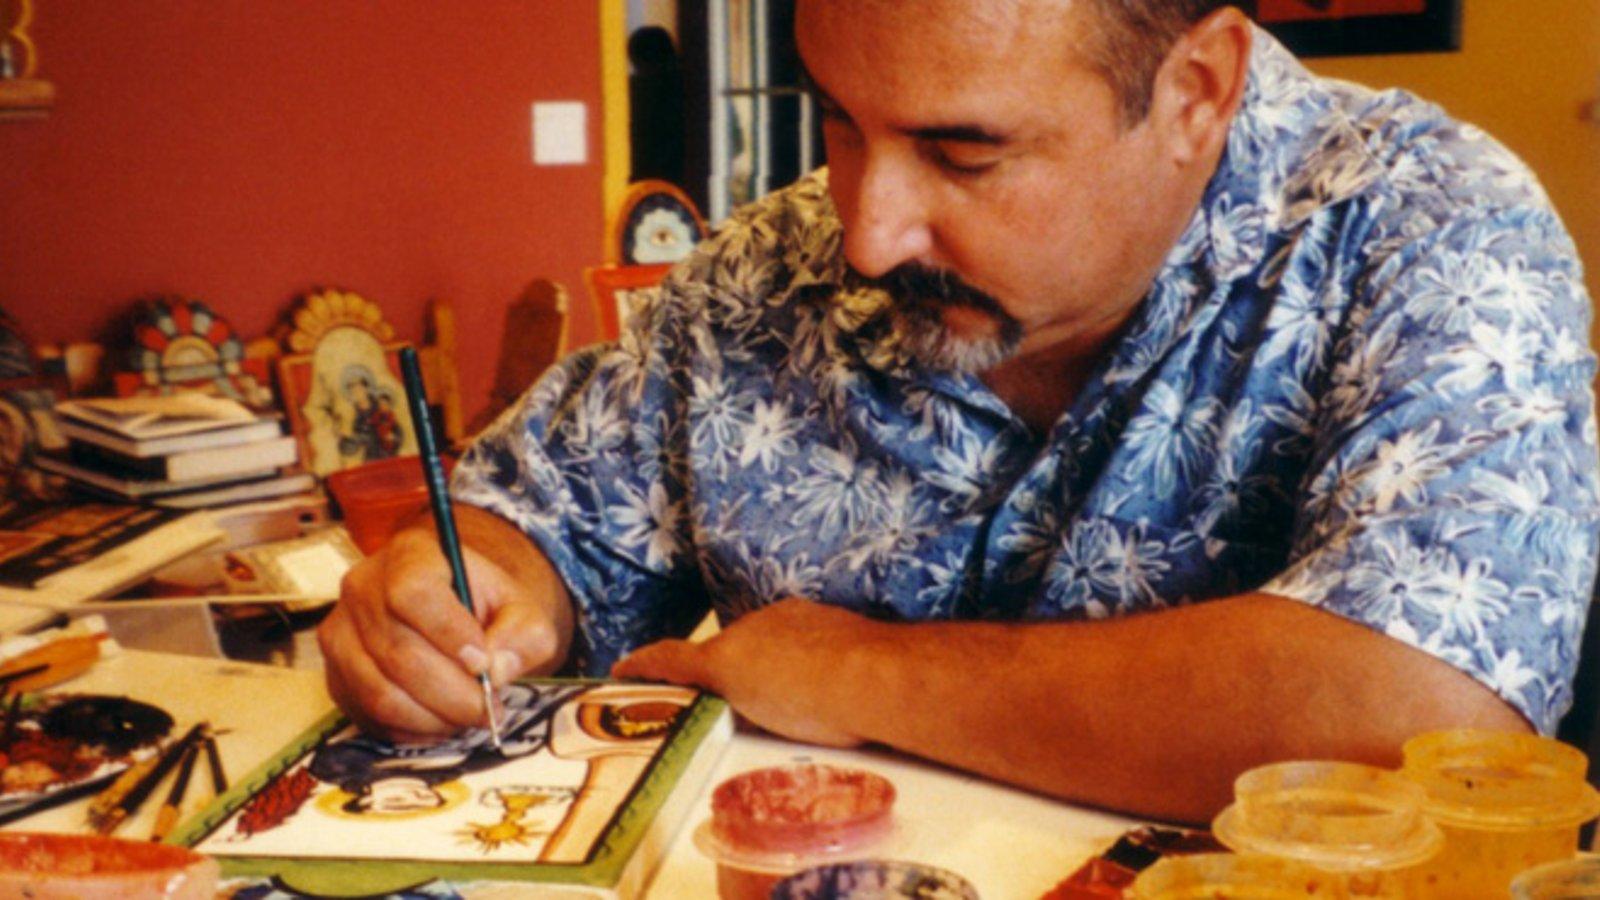 Visiones: Latino Art & Culture - Episode 2